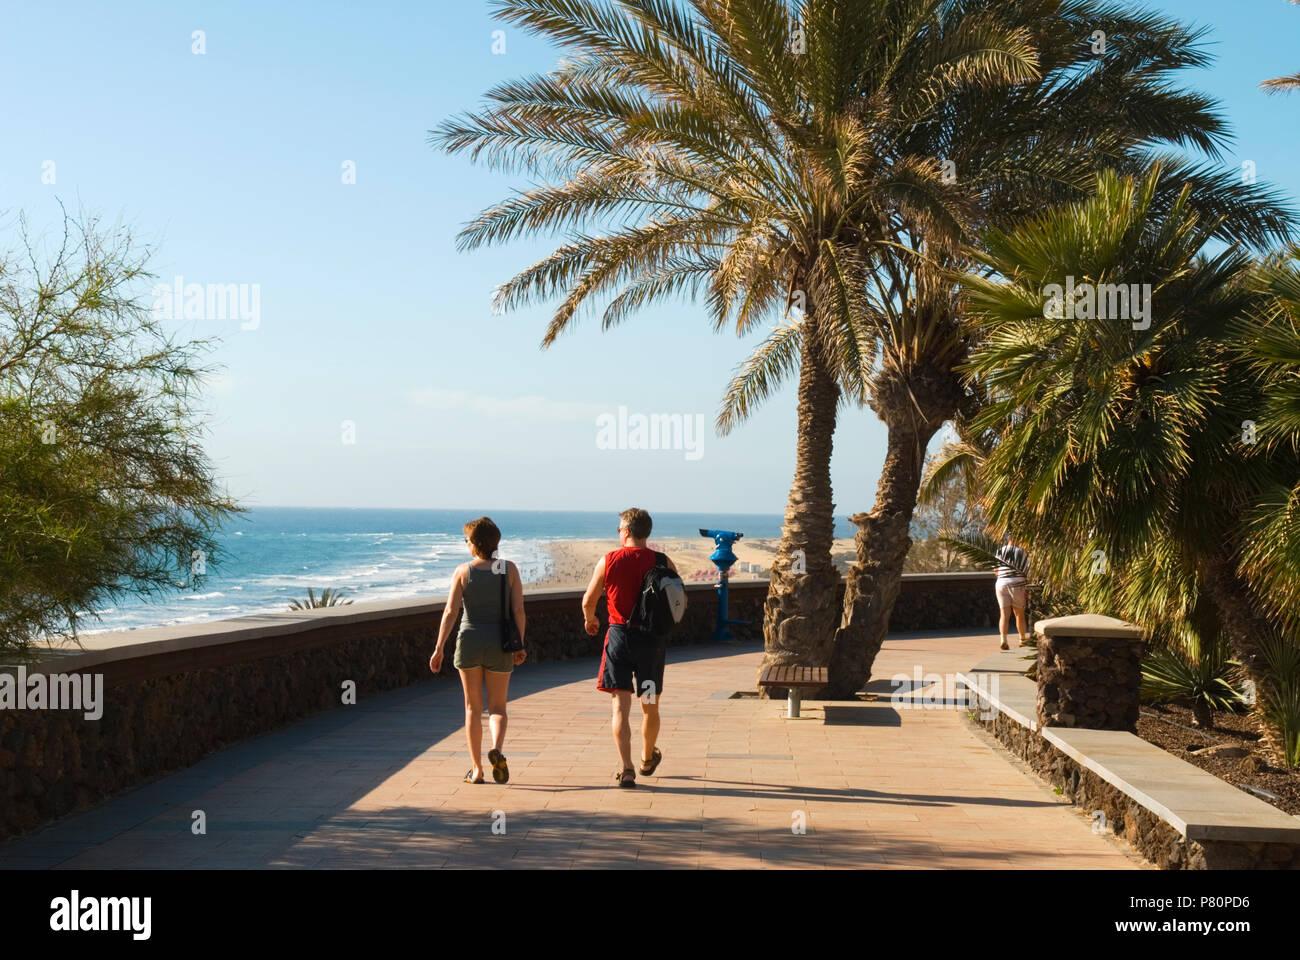 Blick entlang Palmen gesäumten Promenade oberhalb von Playa del Ingles in Playa del Ingles Stockbild